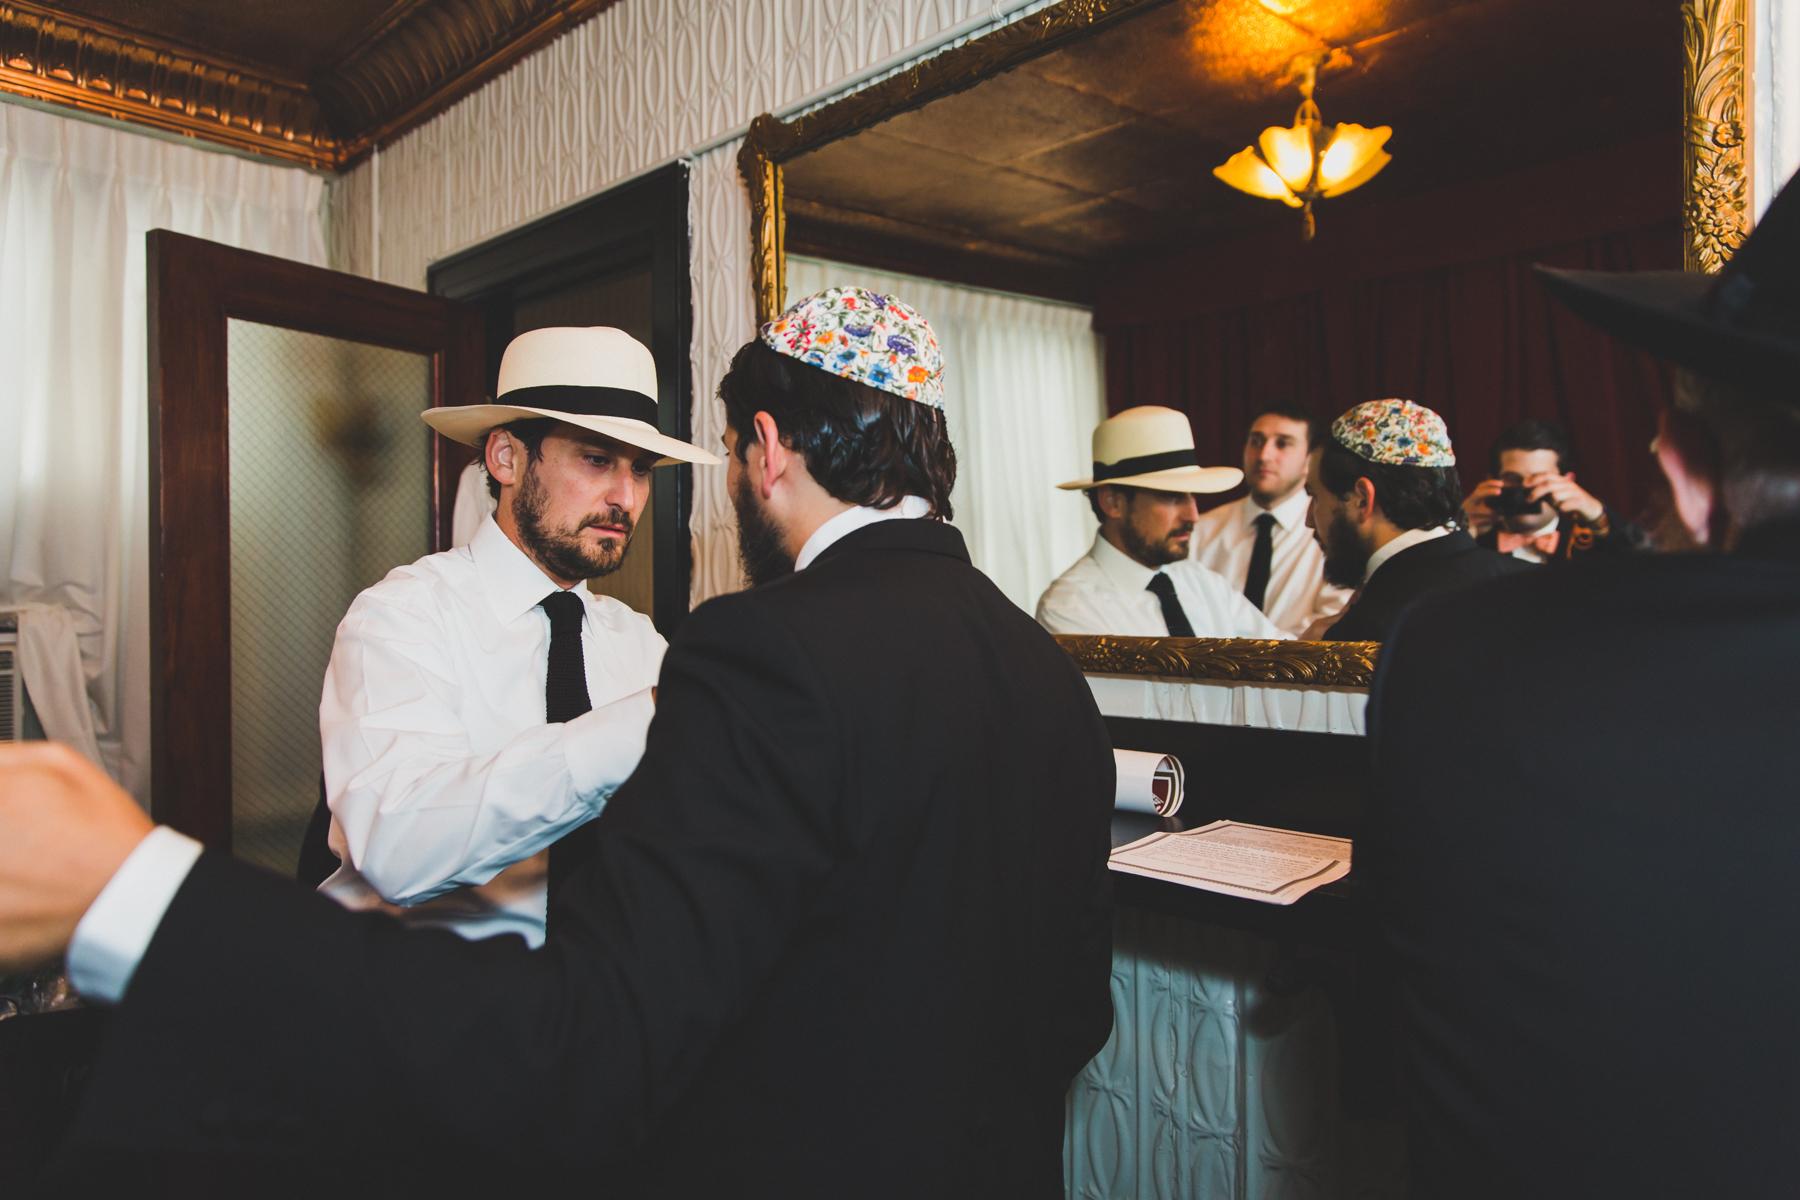 Wythe-Hotel-Green-Building-Brooklyn-Documentary-Wedding-Photography-49.jpg